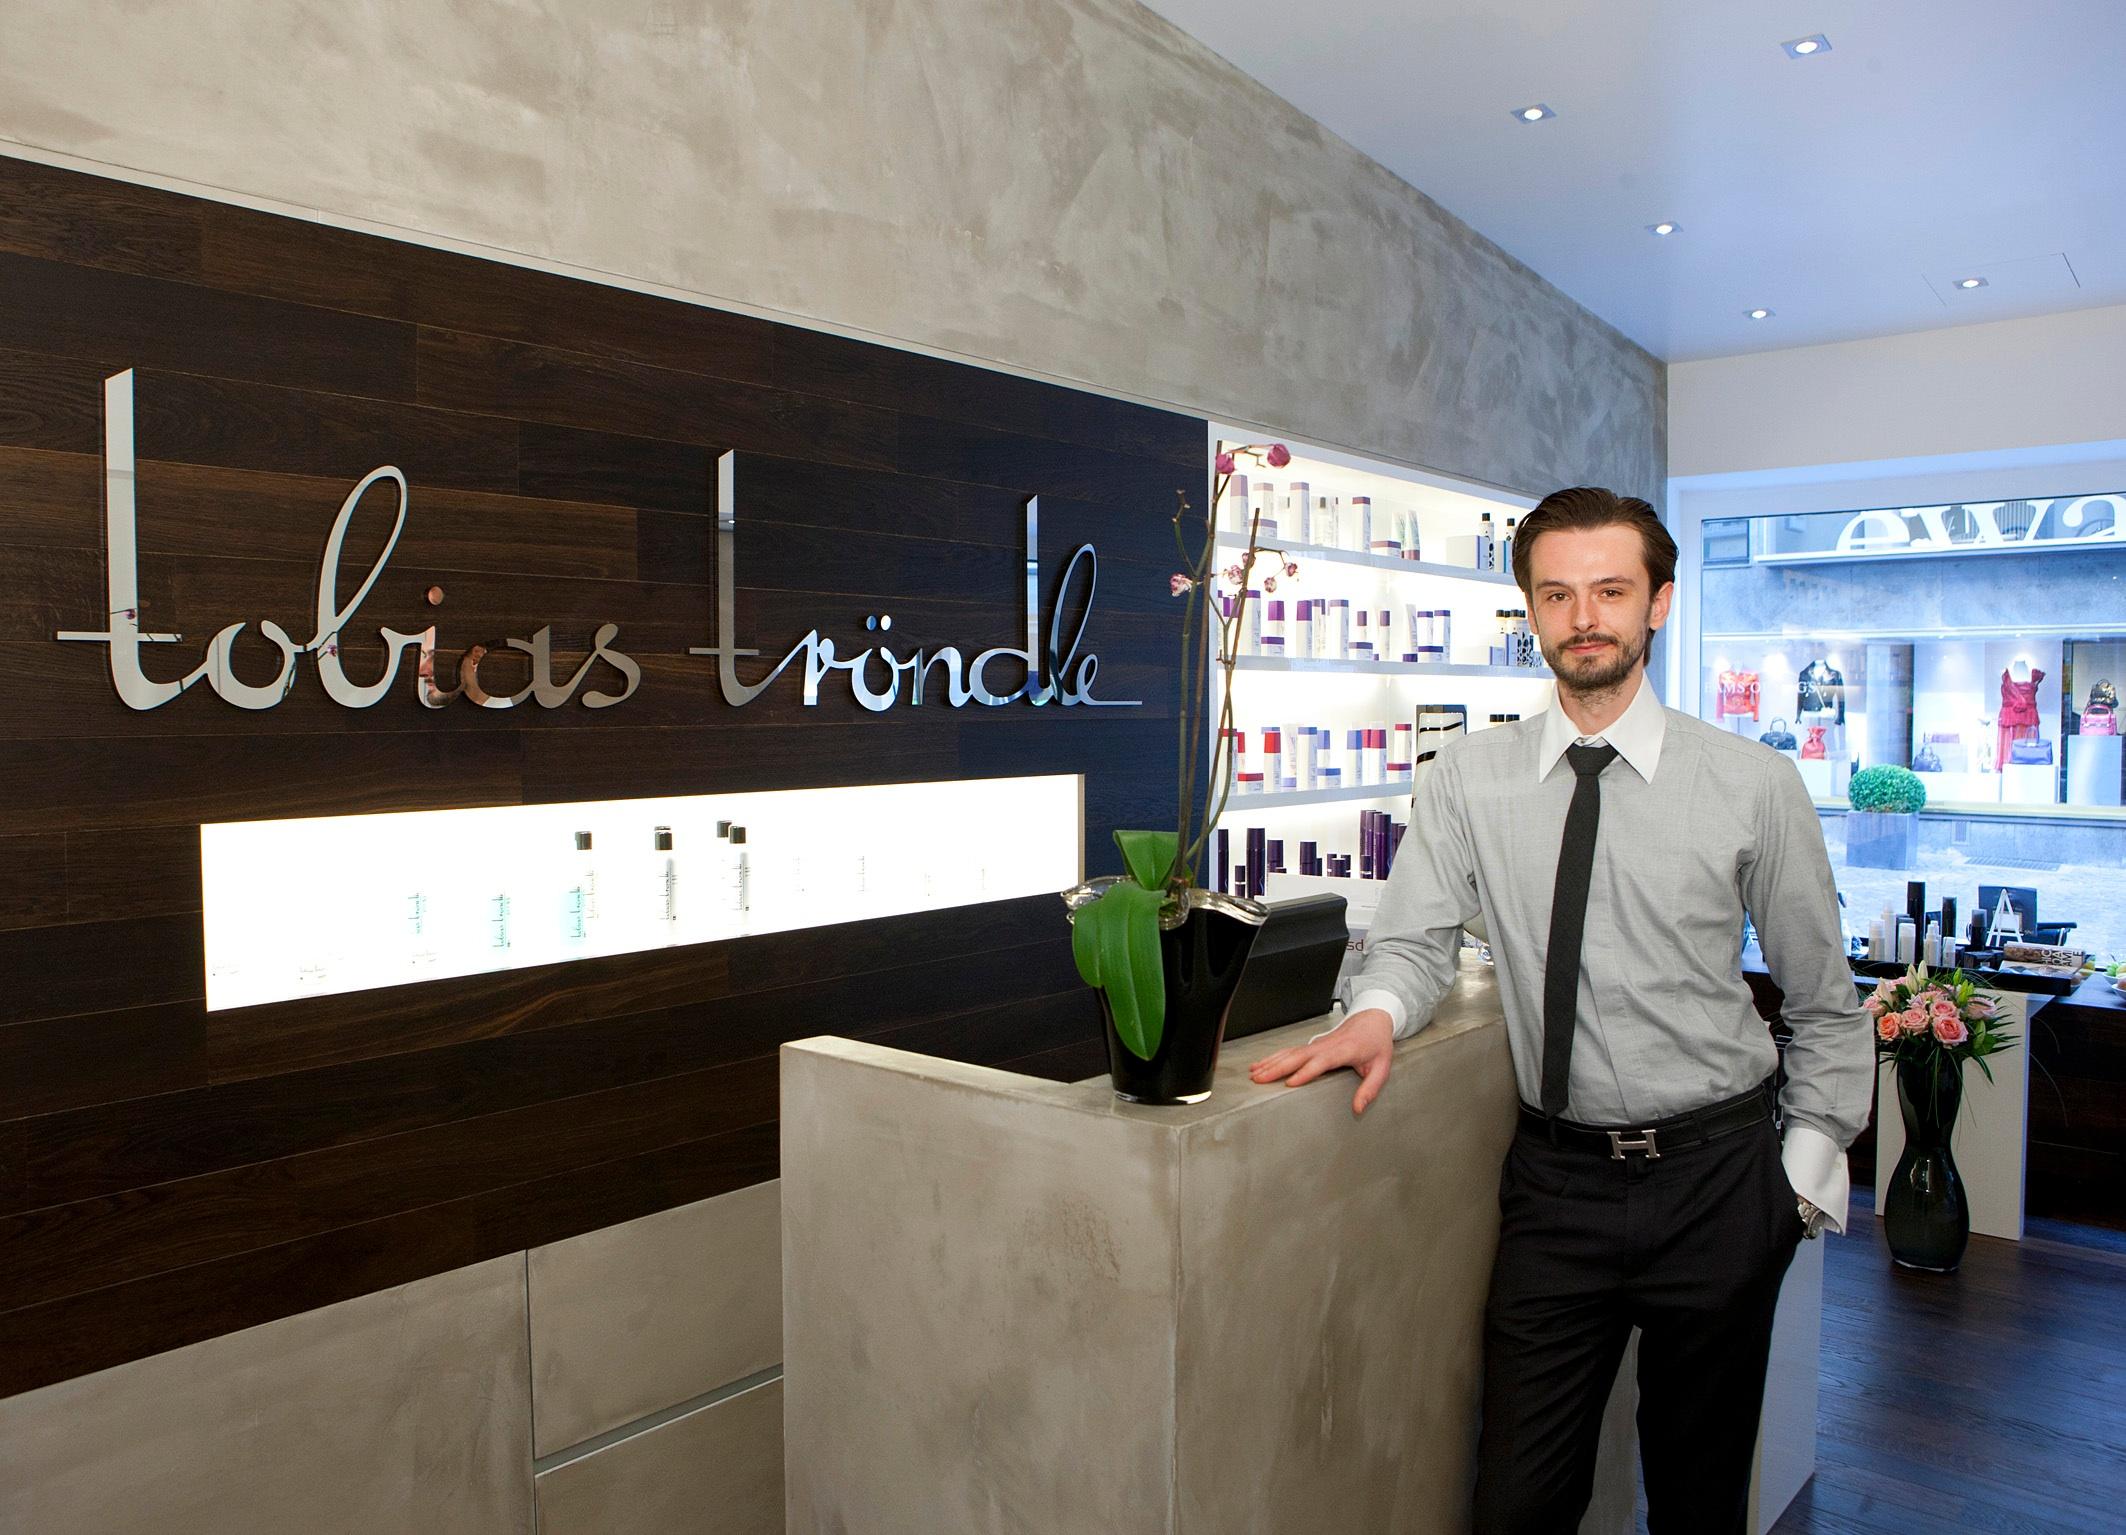 Tobias Tröndle heißt Sie herzlich willkommen in seinem frankfurter Boutique-Salon